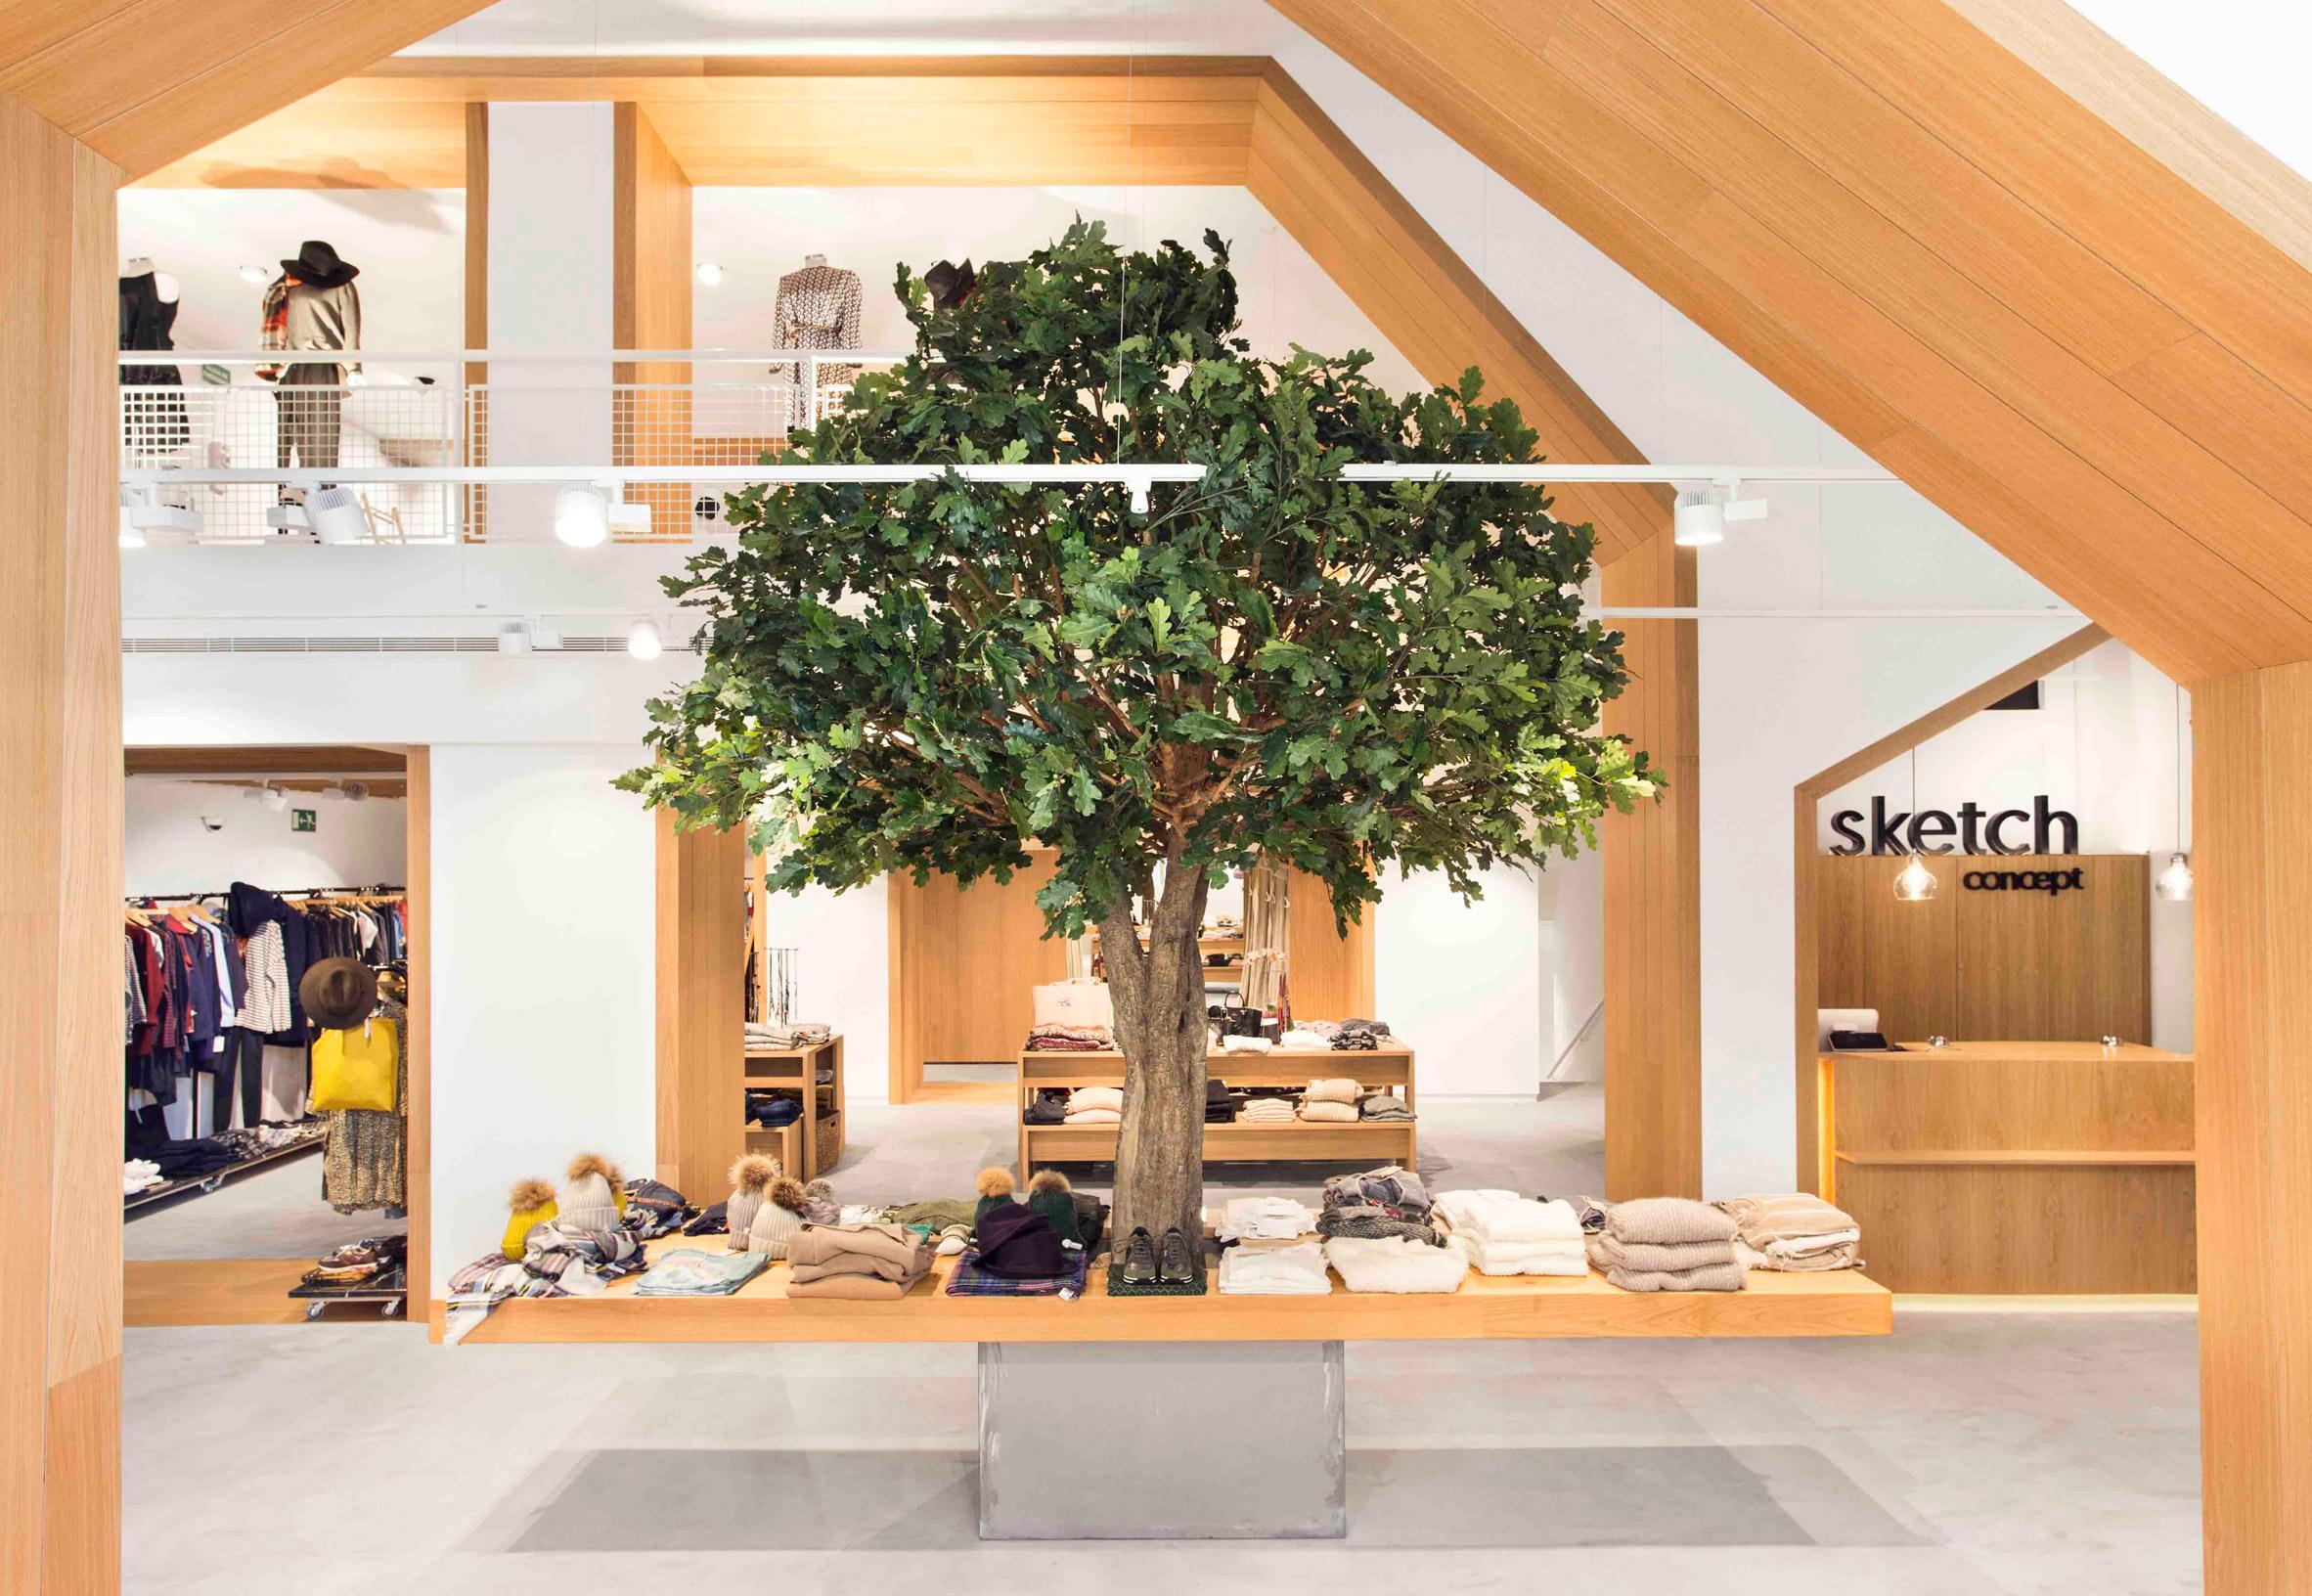 sketch-concept-store-pauzarq-arquitectos_dezeen_2364_2